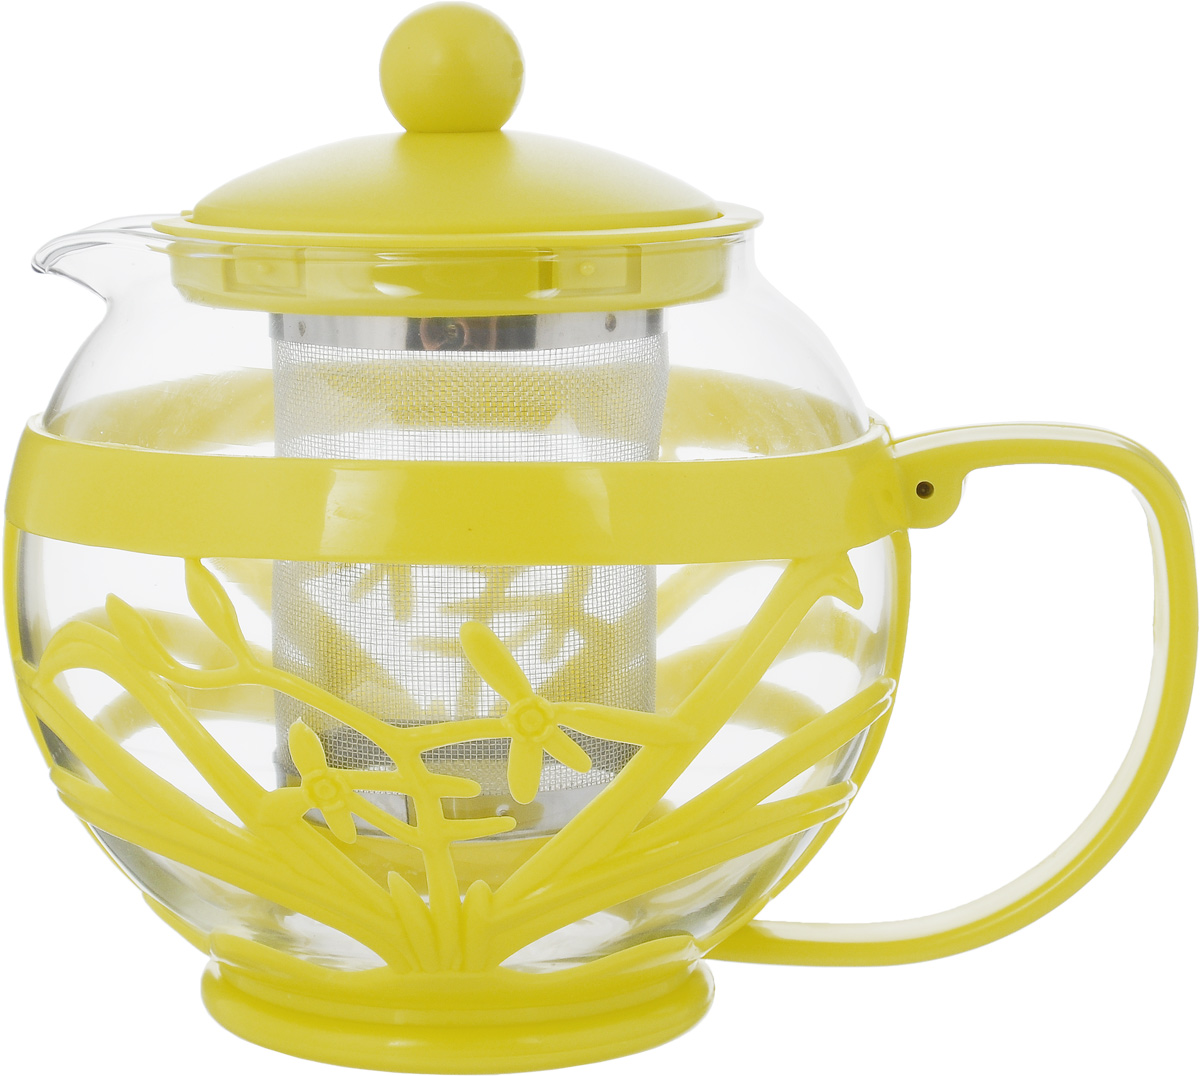 Чайник заварочный Menu Мелисса, с фильтром, цвет: прозрачный, желтый, 750 млMLS-75_прозрачный, желтыйЧайник Menu Мелисса изготовлен из прочного стекла и пластика. Он прекрасно подойдет для заваривания чая и травяных напитков. Классический стиль и оптимальный объем делают его удобным и оригинальным аксессуаром. Изделие имеет удлиненный металлический фильтр, который обеспечивает высокое качество фильтрации напитка и позволяет заварить чай даже при небольшом уровне воды. Ручка чайника не нагревается и обеспечивает безопасность использования. Нельзя мыть в посудомоечной машине. Диаметр чайника (по верхнему краю): 8 см.Высота чайника (без учета крышки): 11 см.Размер фильтра: 6 х 6 х 7,2 см.